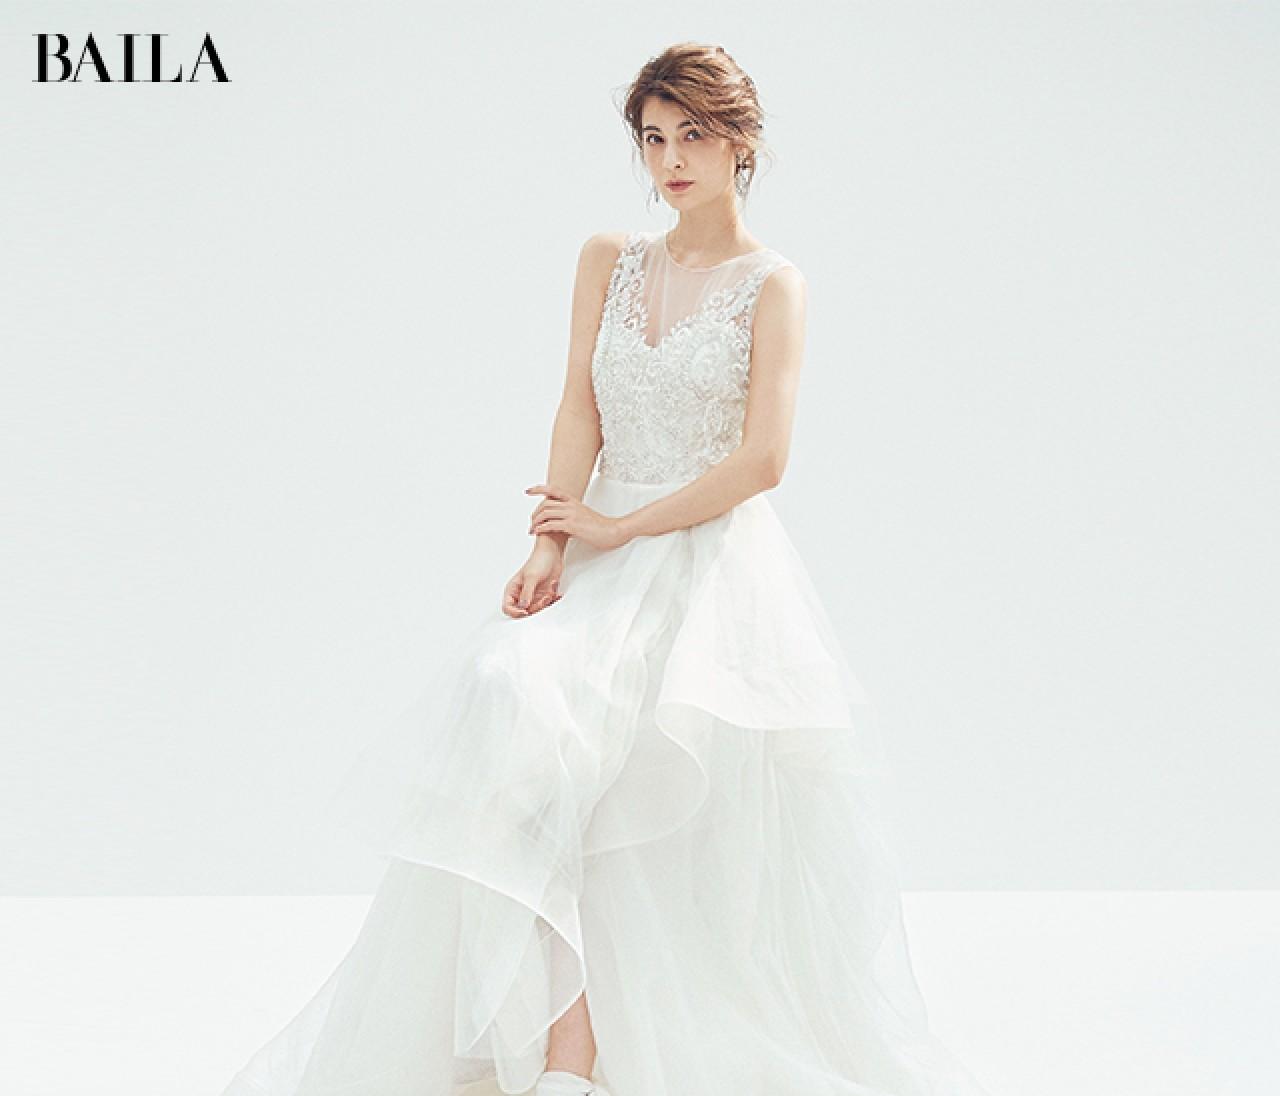 輝く【クリスタルシルバー小物】で白ドレスに華やぎを!